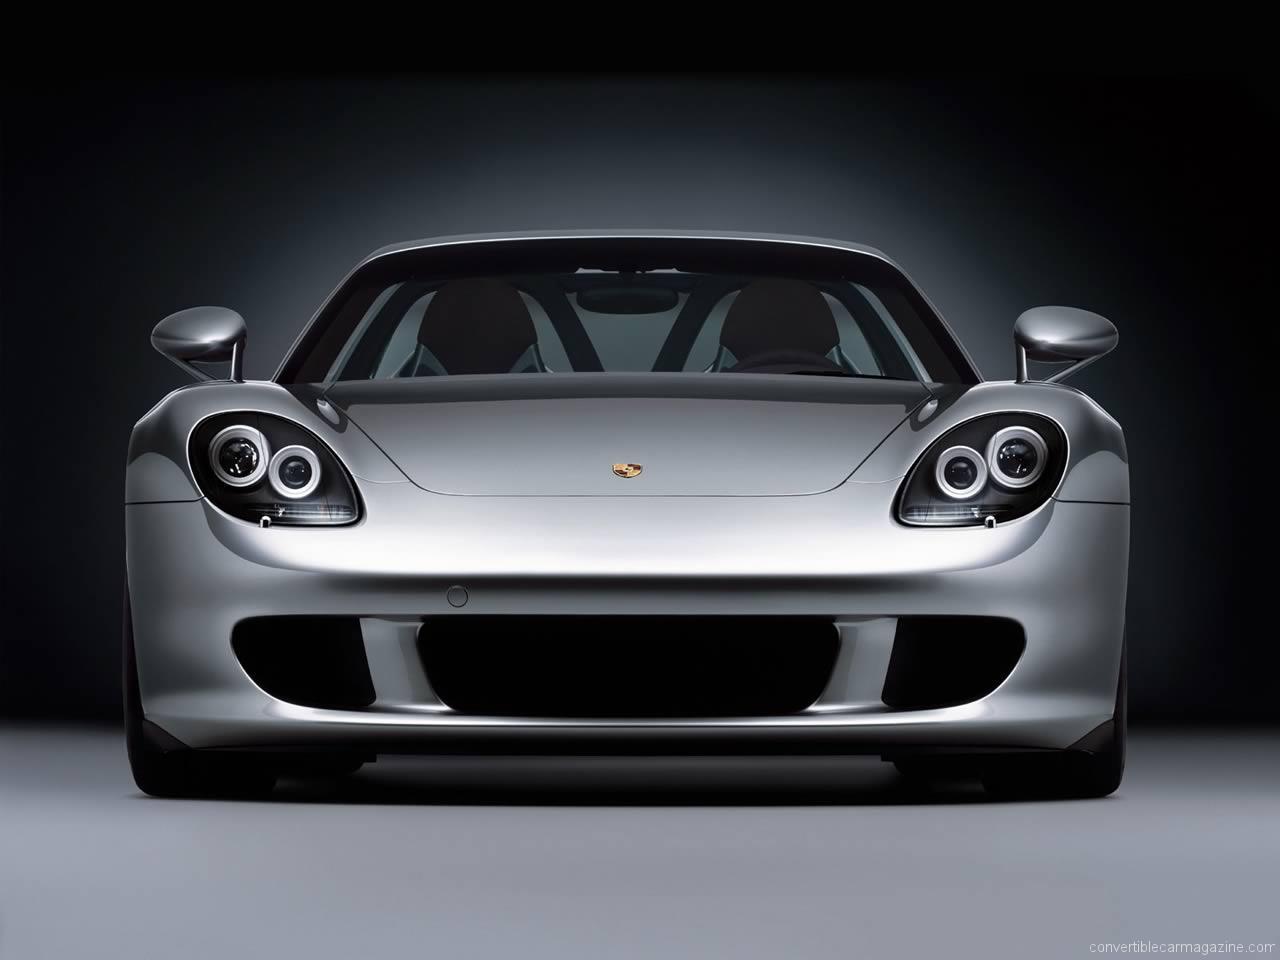 Porsche Carrera gt 2015 Porsche Carrera gt